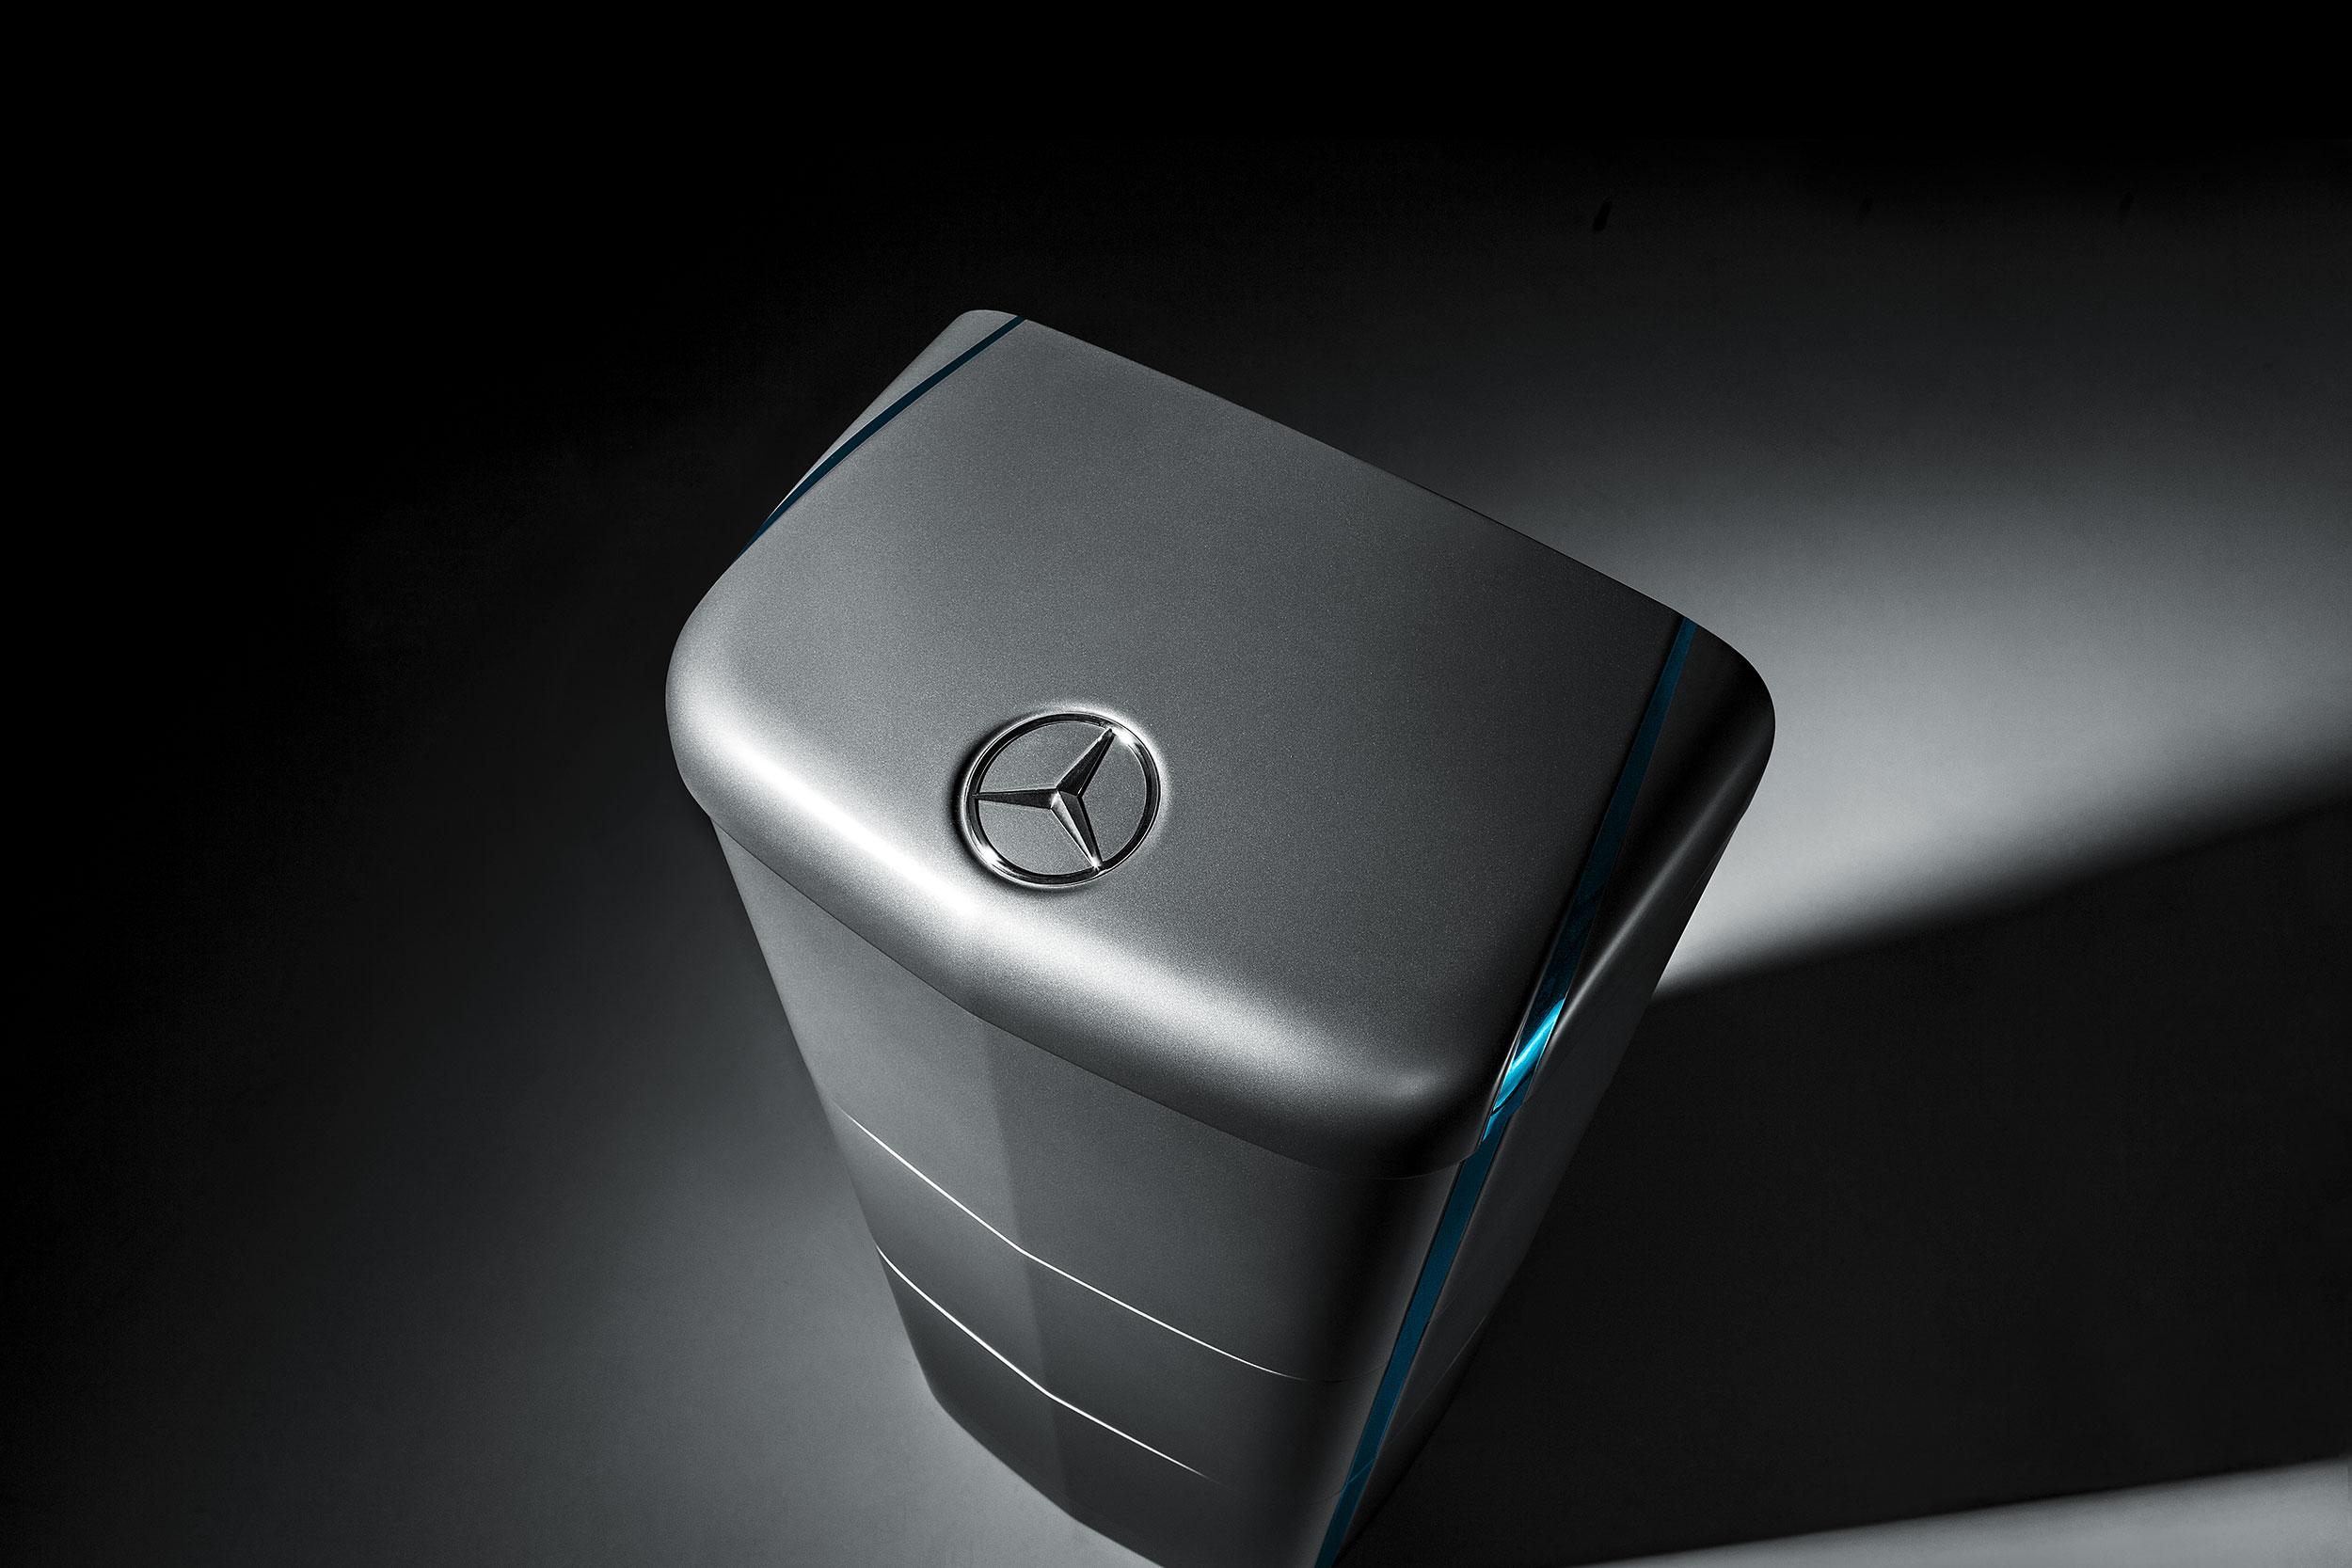 Mercedes benz est lan ando bateria para abastecer casas e - Bateria para casa ...